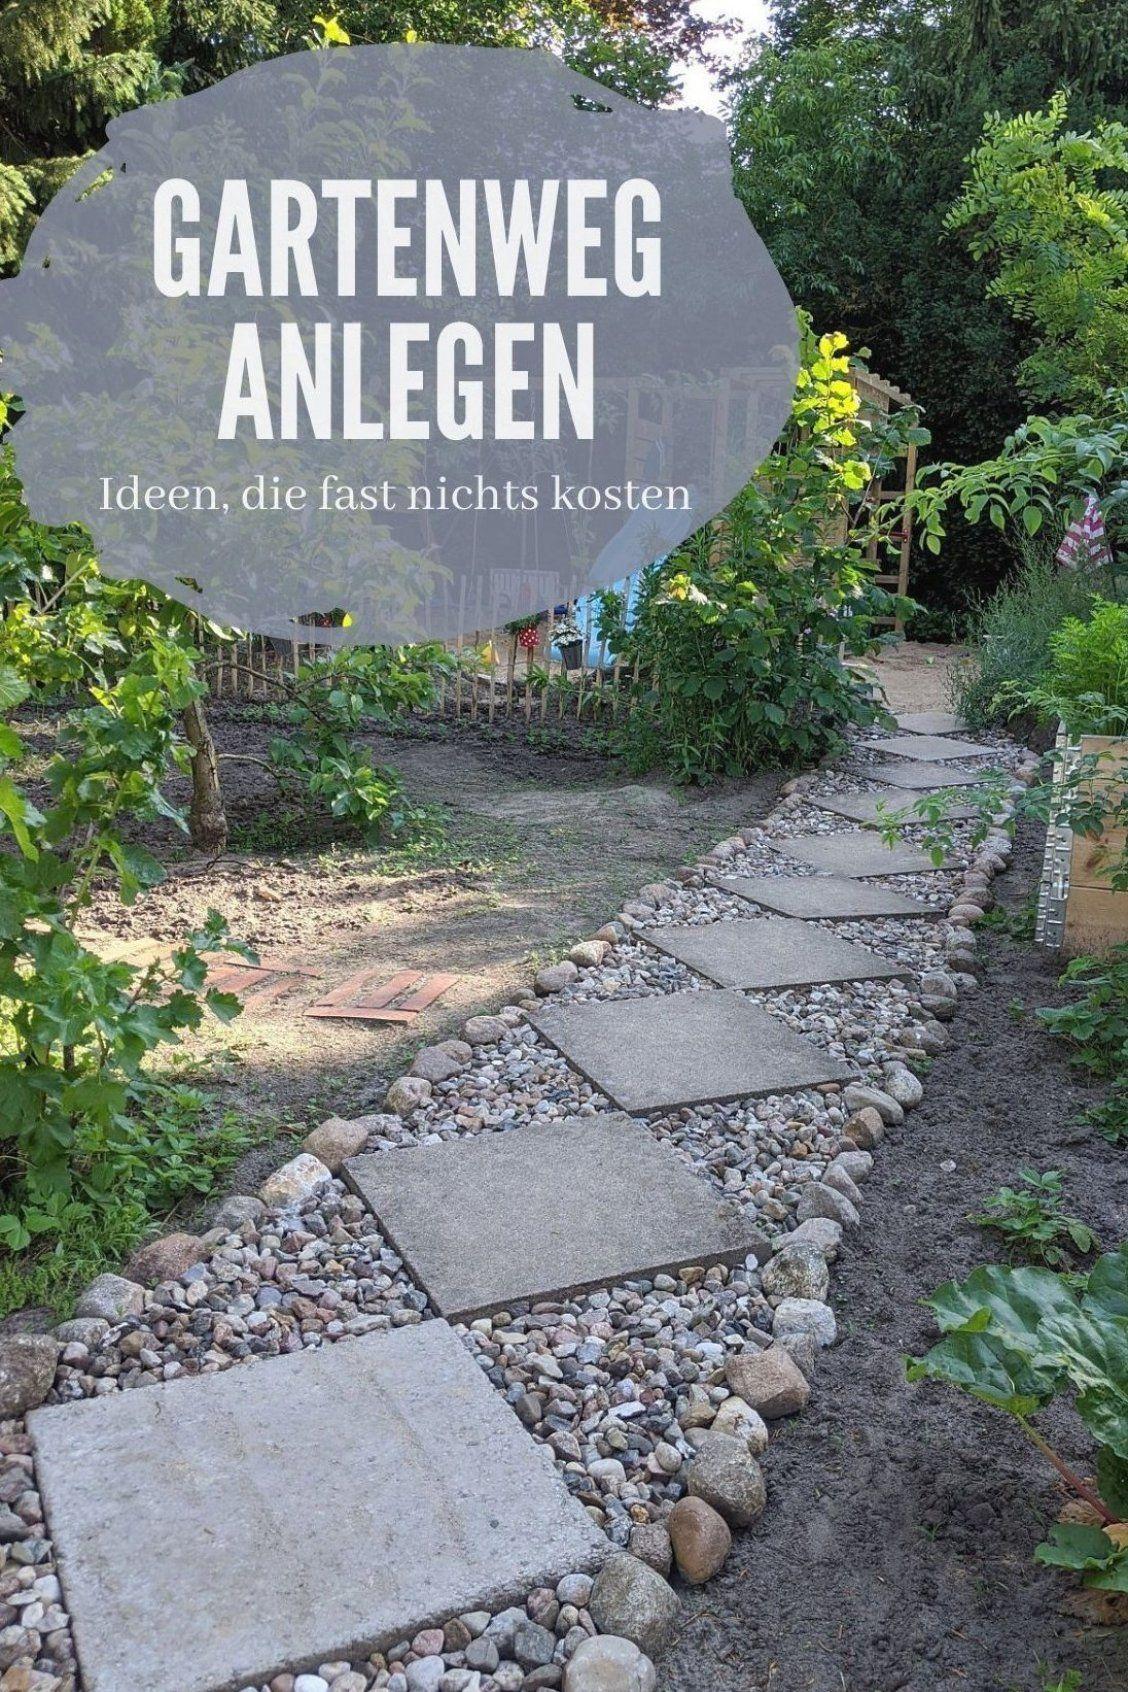 Gartenweg Anlegen Ideen Gartenwege Gestalten Kann Ziemlich Teuer Sein Hier Findet Man Gartenweg Ideen Die Fast Nichts In 2020 Gartenweg Garten Gartenwege Anlegen